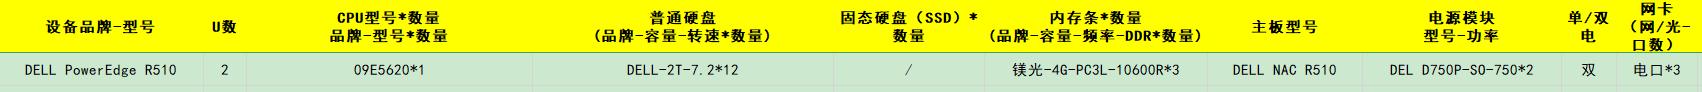 DELL PowerEdge R510 E5620*1 DELL-2T-7.2*12 镁光-4G-PC3L-10600R*3